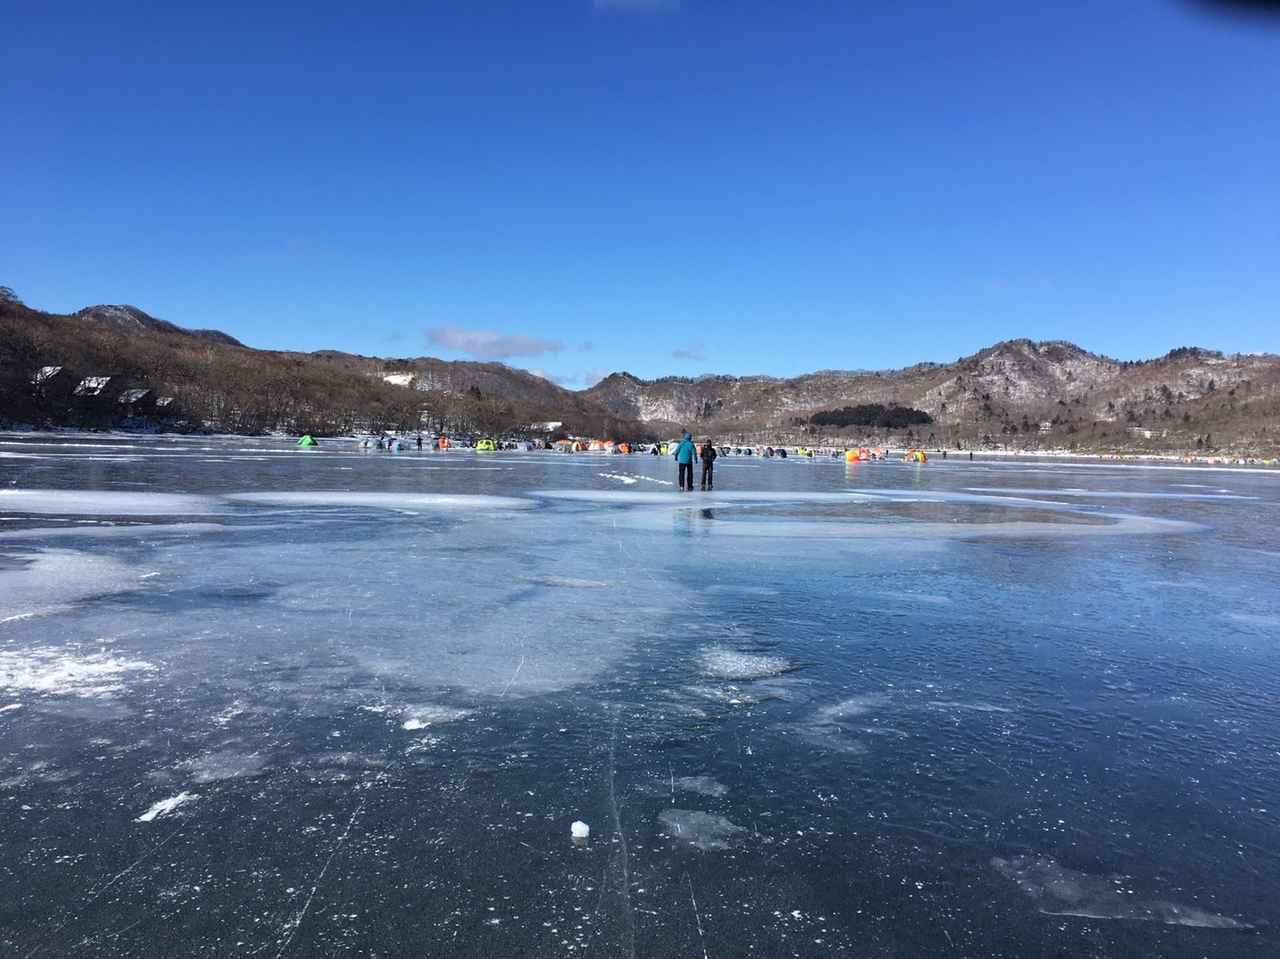 画像: ワカサギ釣りは群馬県赤城大沼でできる!? 群馬なら氷上でワカサギが楽しめる!